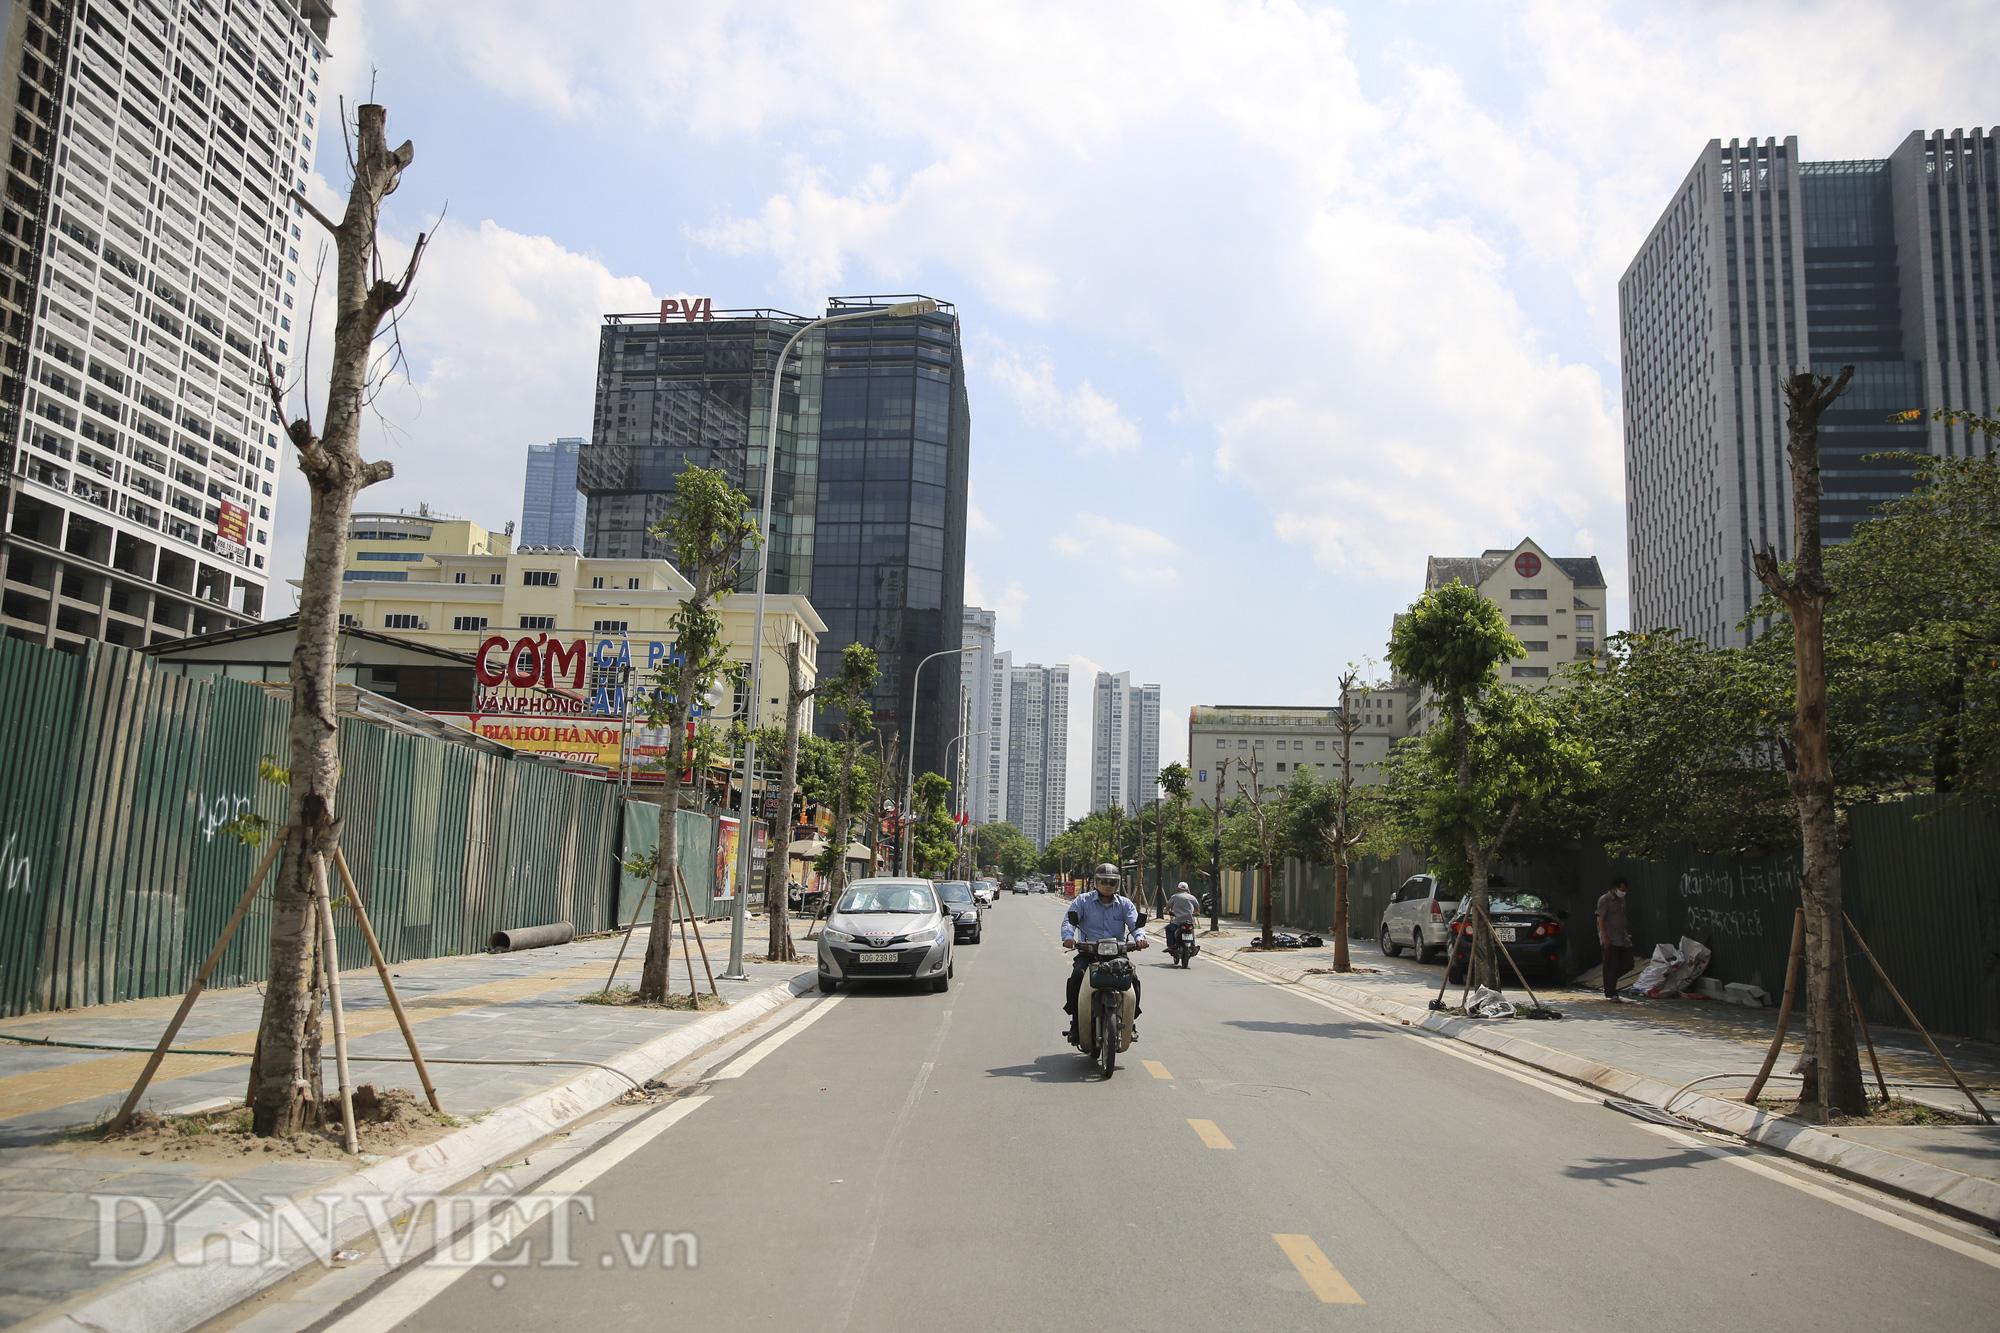 """Hệ thống cây xanh đã giúp Hà Nội giảm """"hiệu ứng đảo nhiệt đô thị"""" như thế nào? - Ảnh 9."""